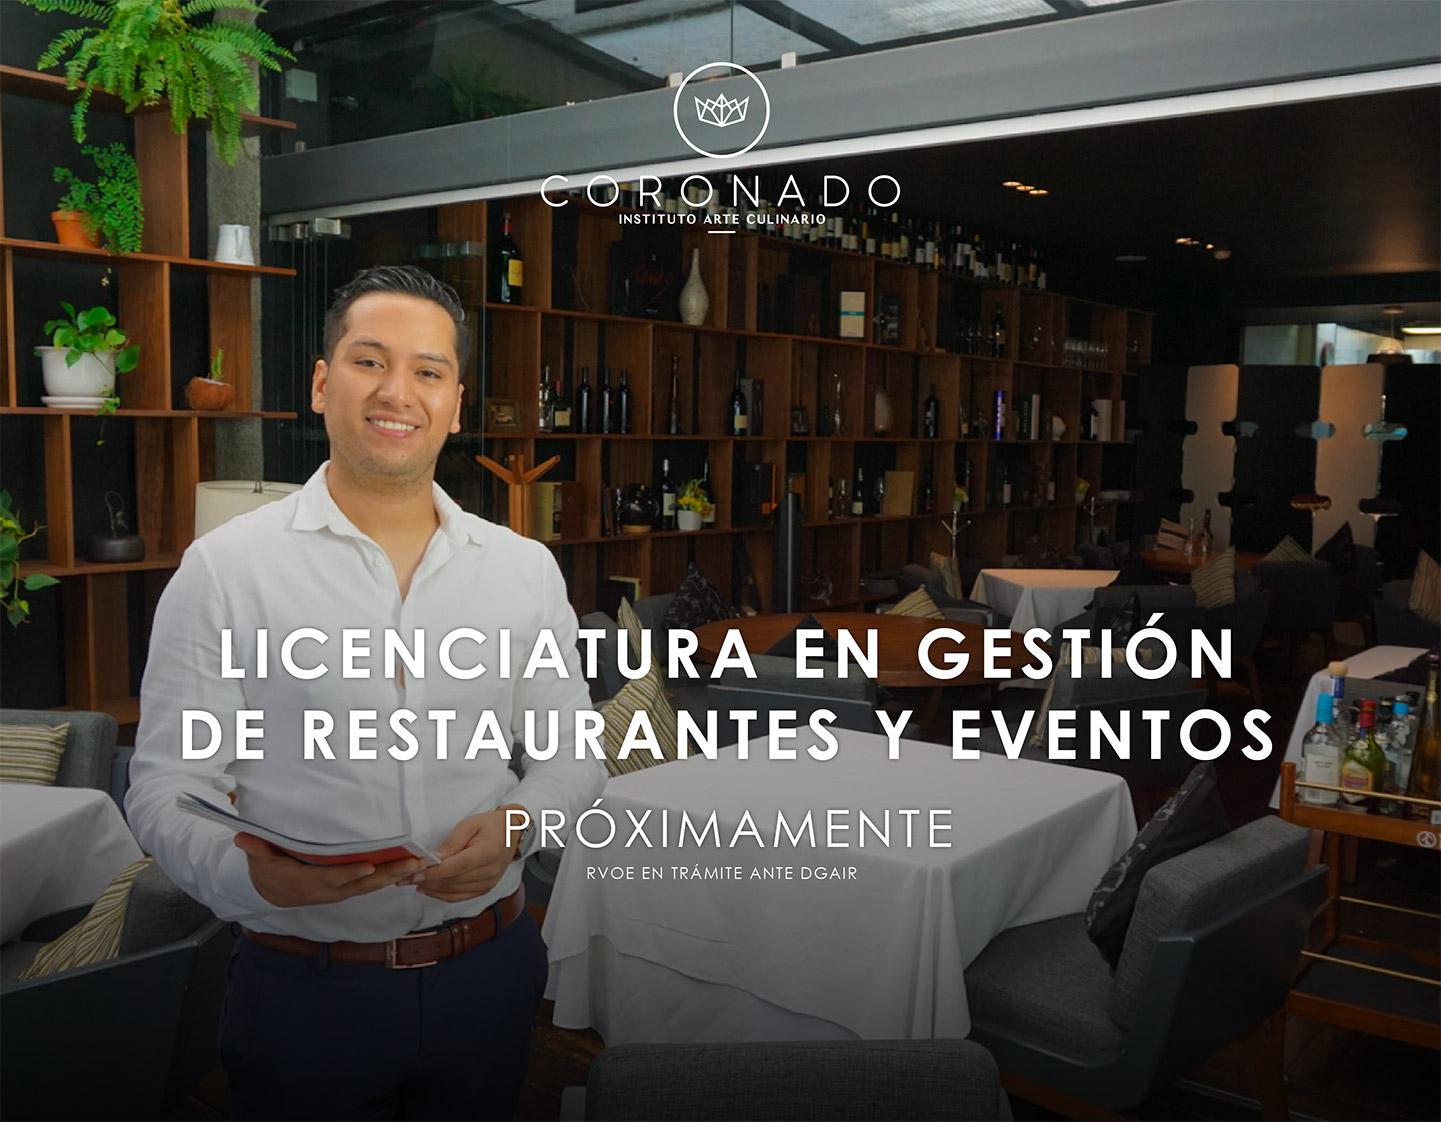 Culinario Coronado